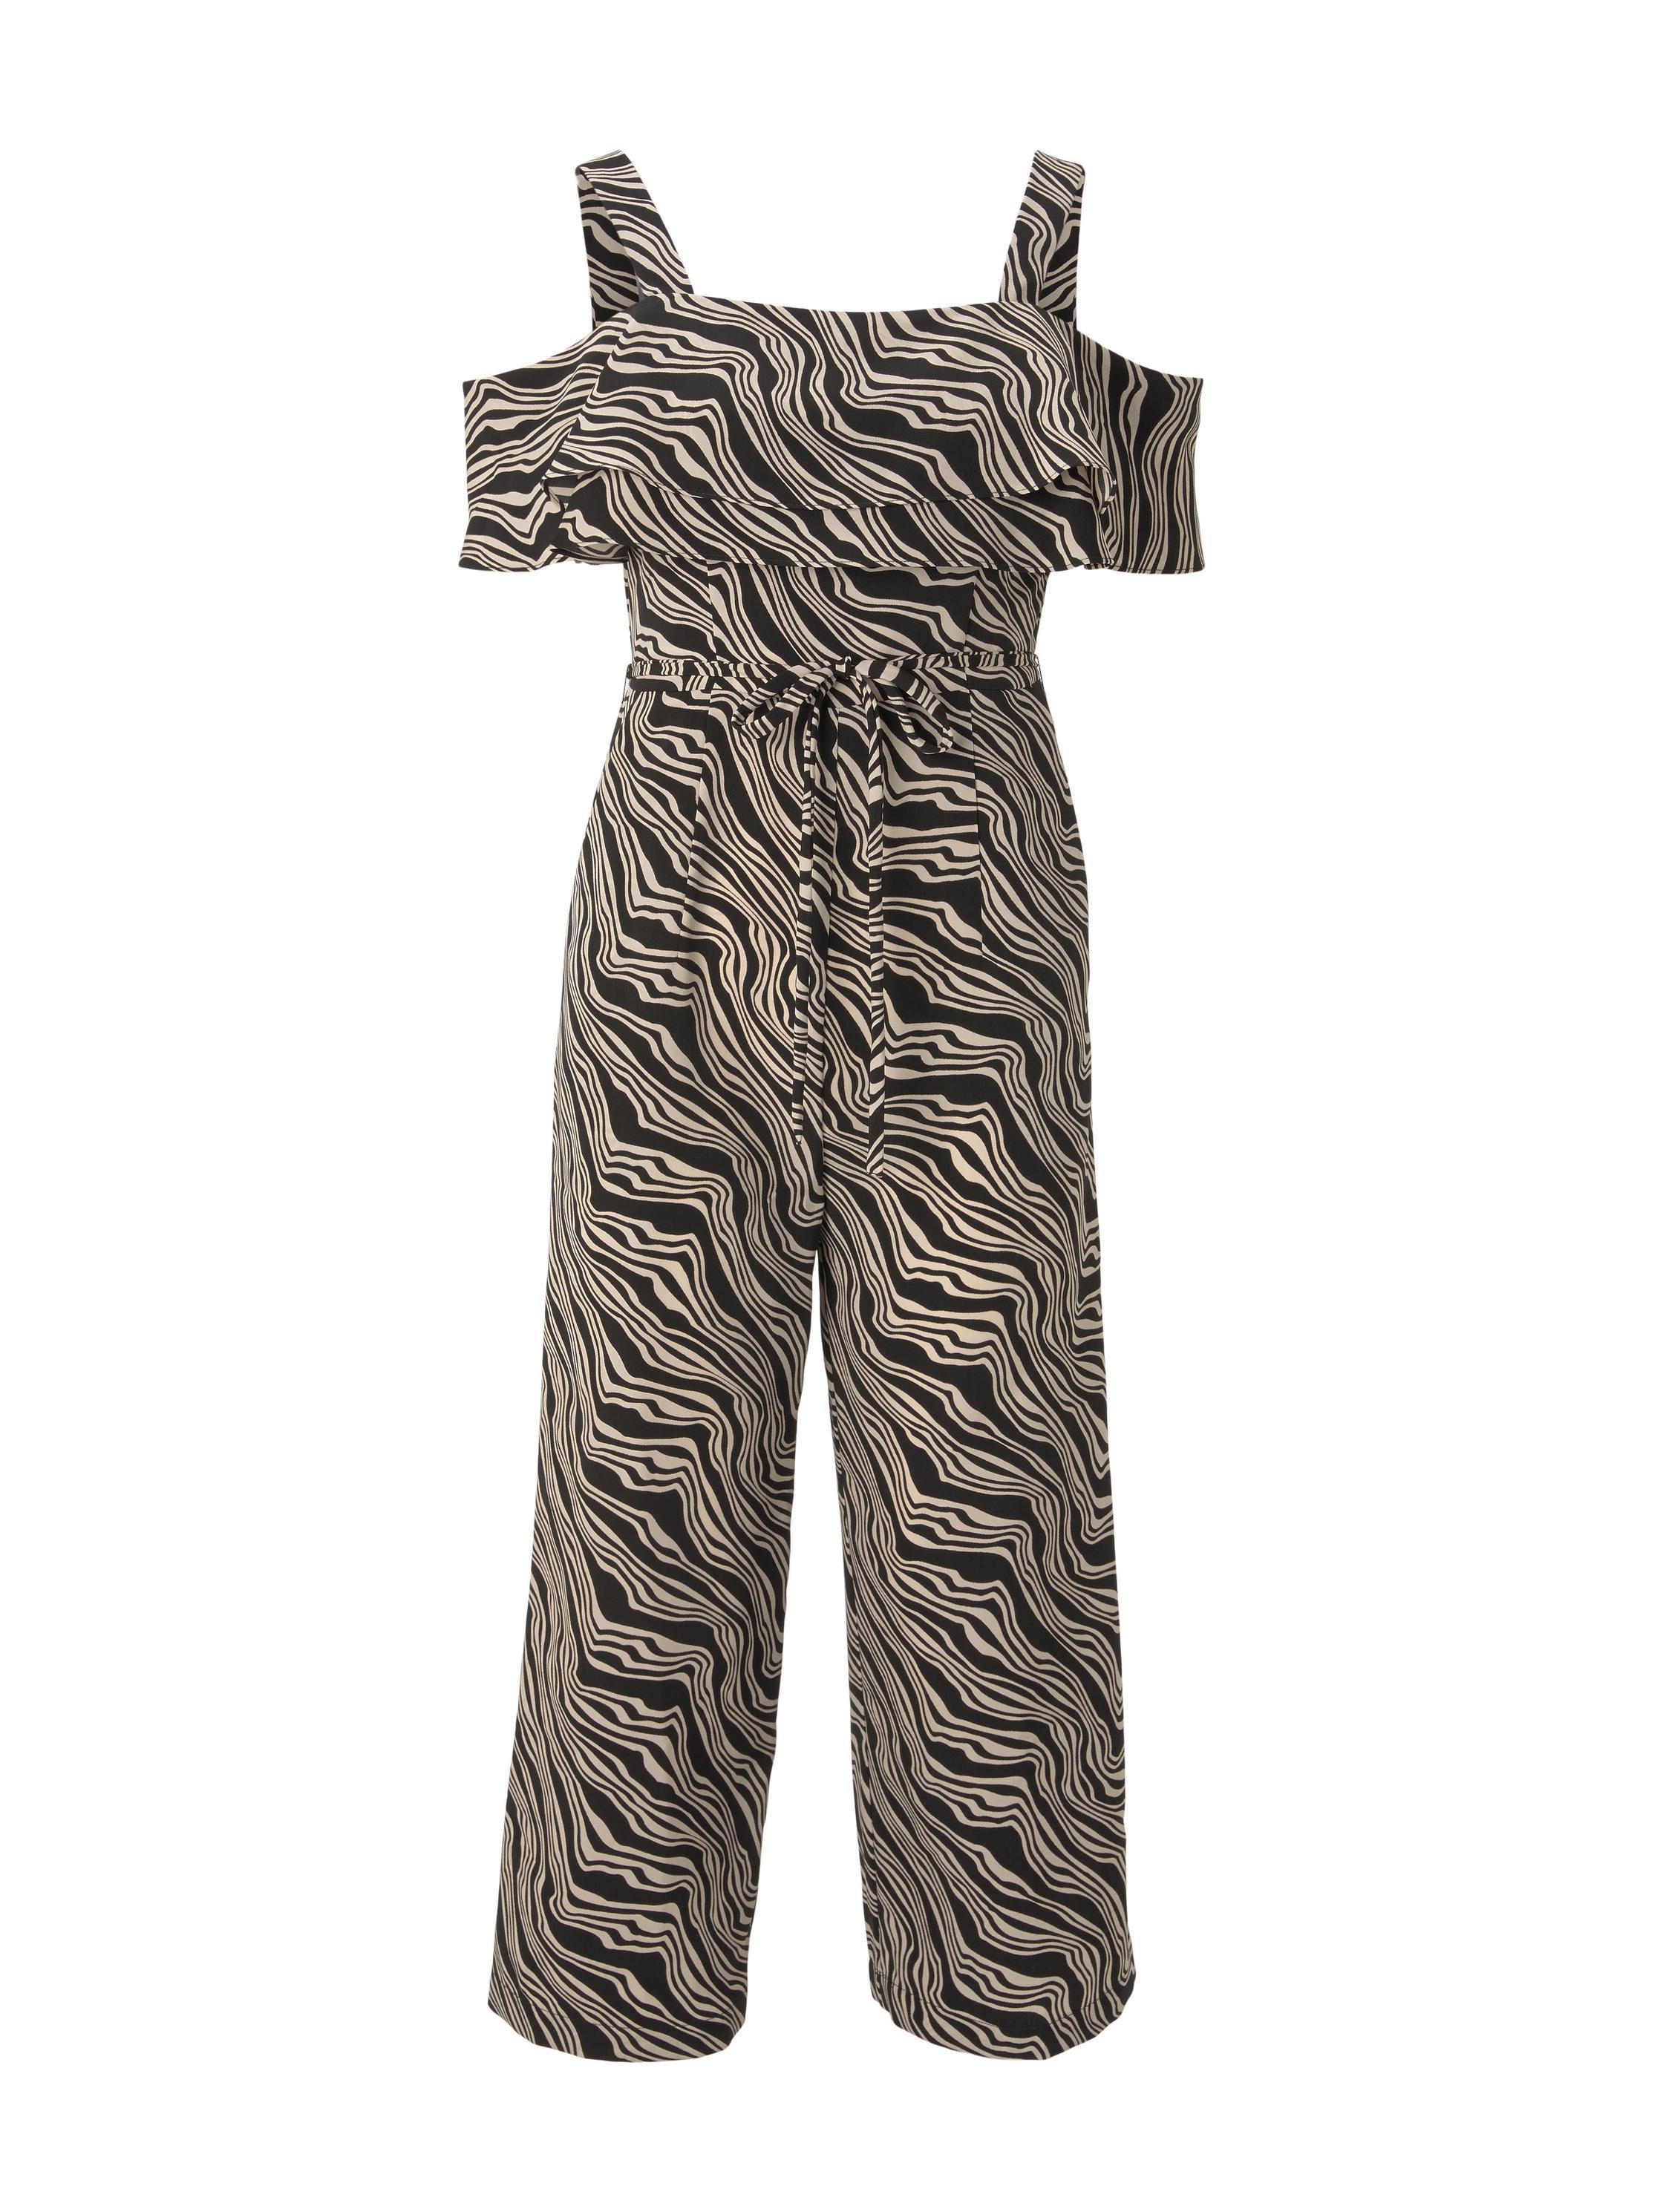 jumpsuit feminine, black wavy design